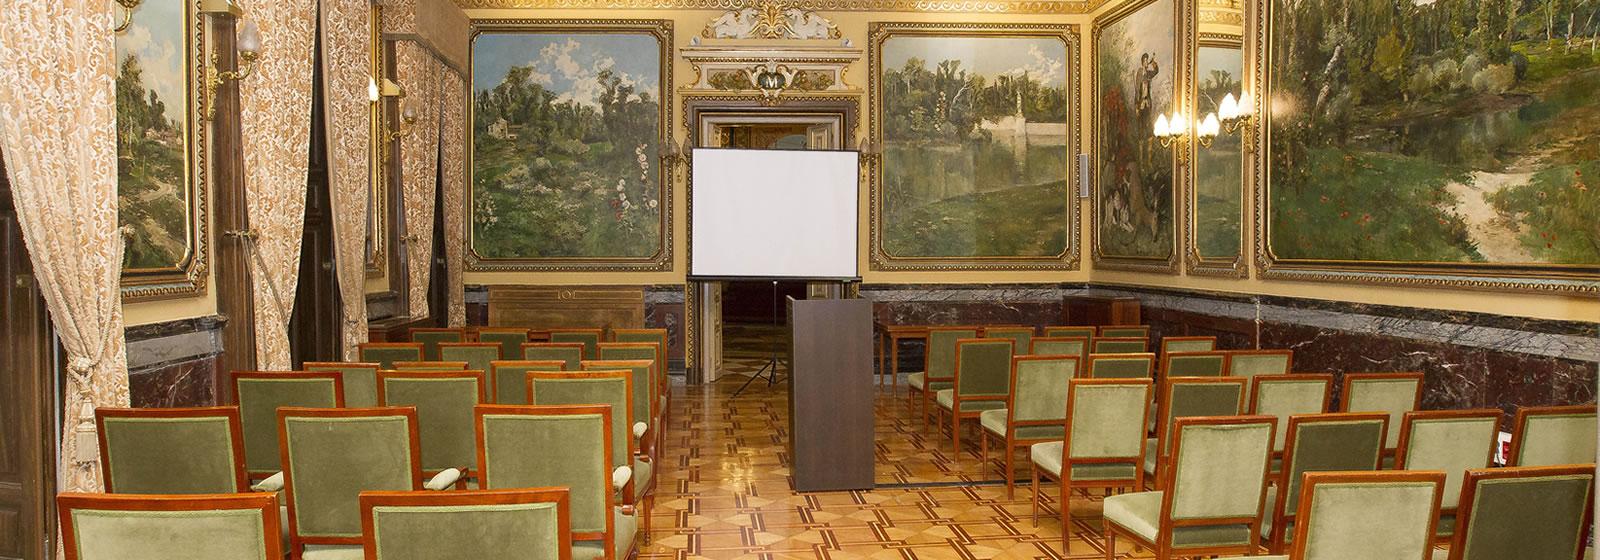 Vistas del interior del Palacio de Santoña, sala de exposiciones.